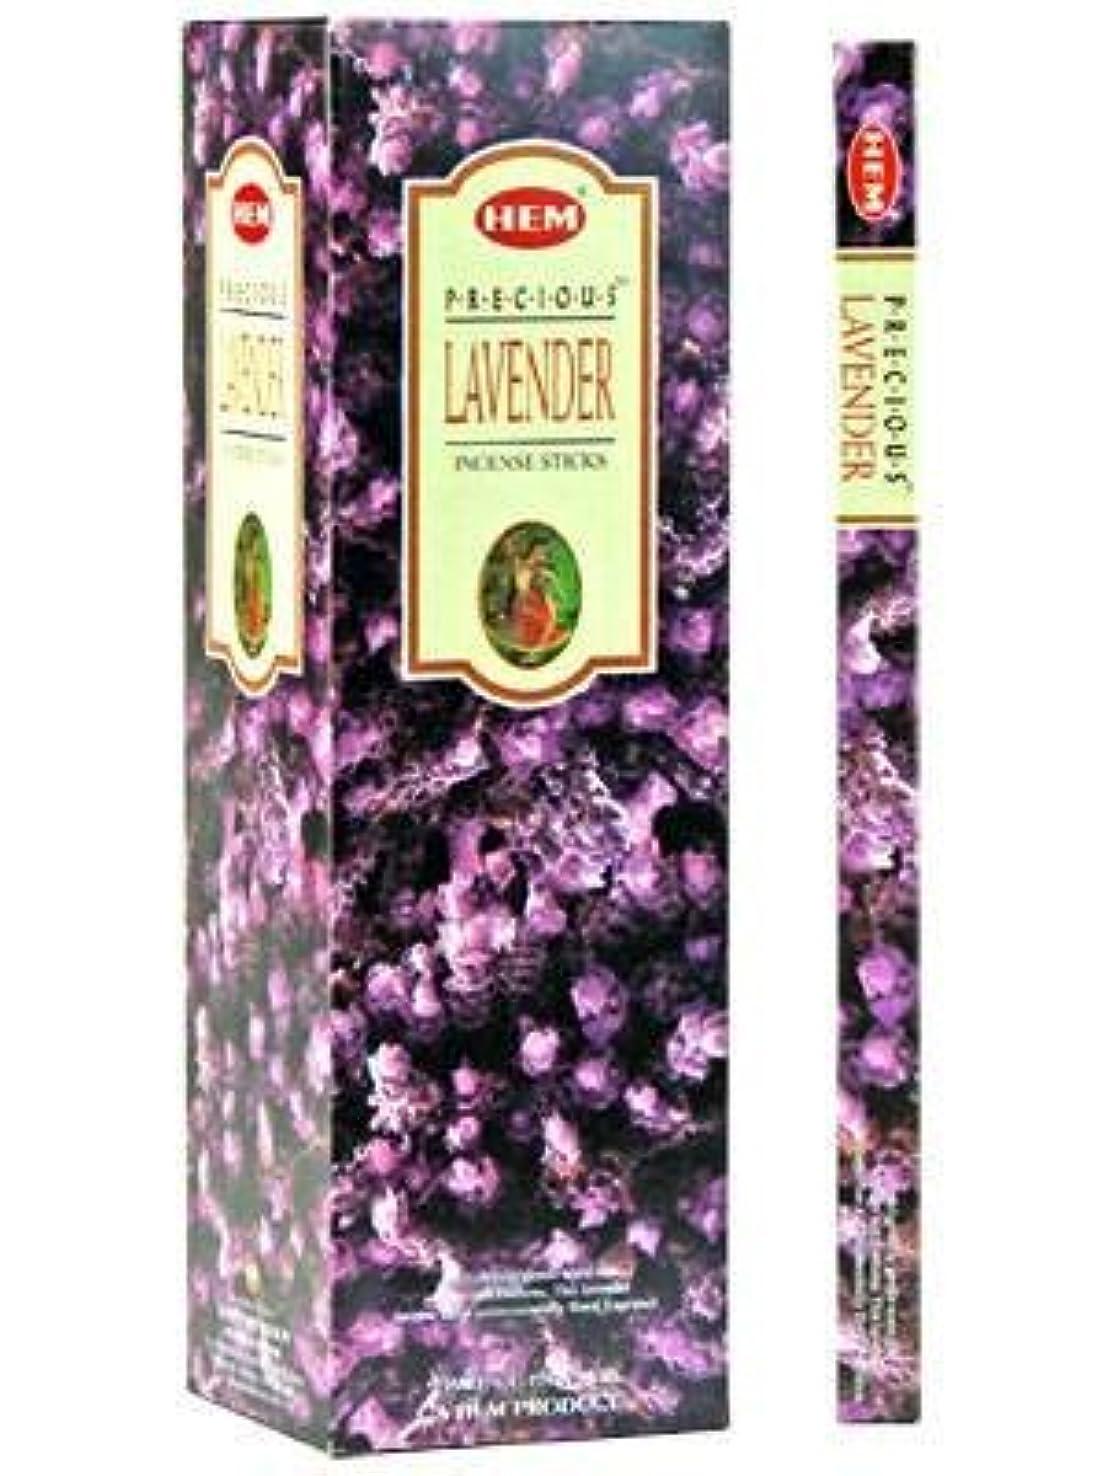 軍召喚する船上Hem Precious Lavender - 20gr Packs - 6/Box